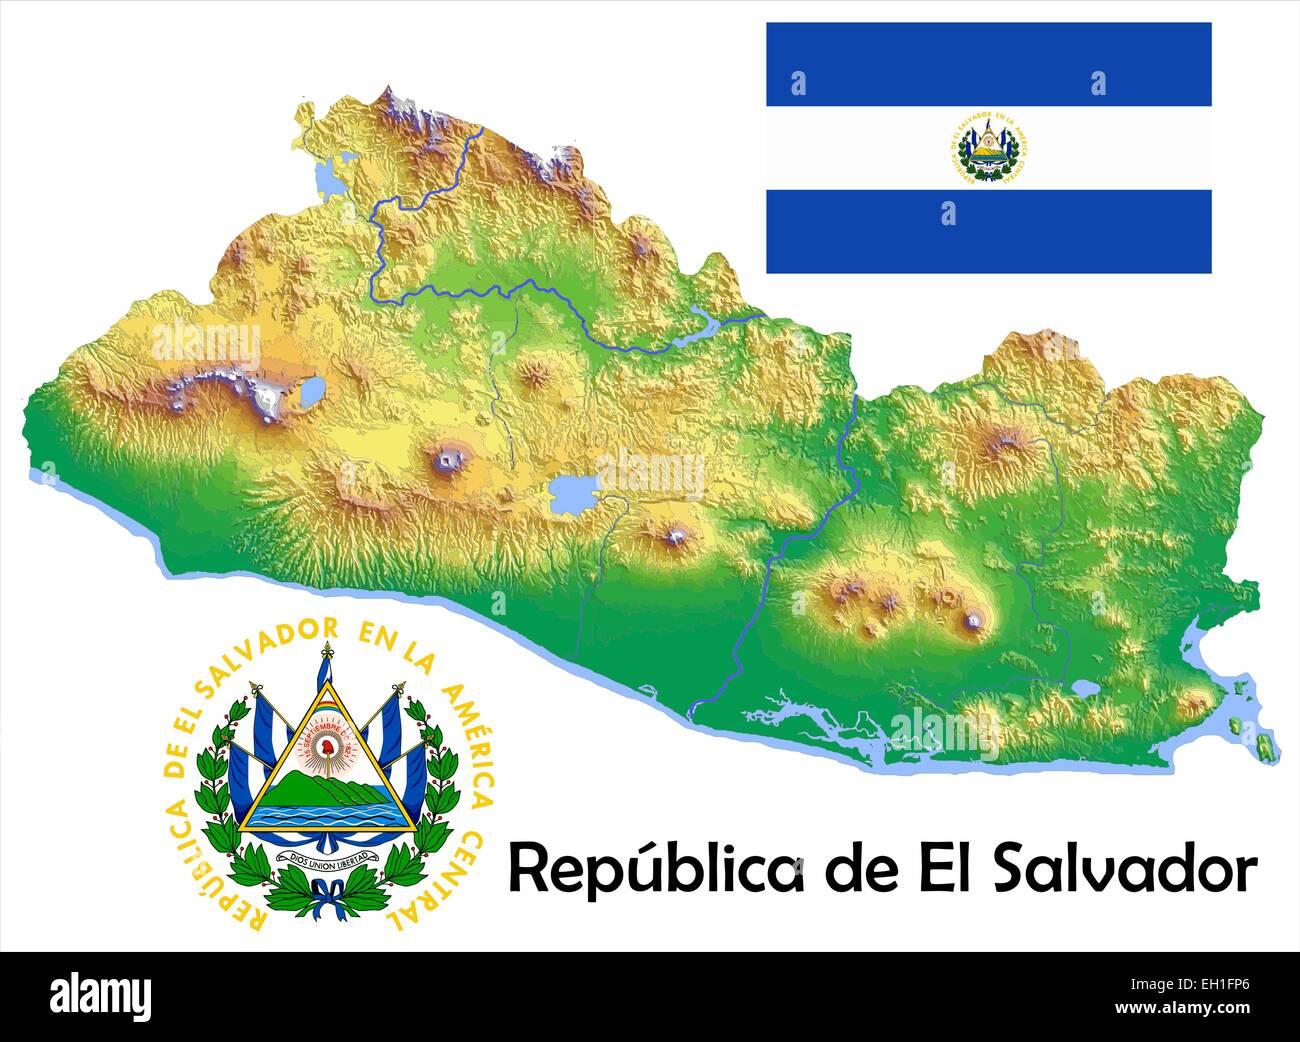 El Salvador Map Stockfotos & El Salvador Map Bilder - Alamy